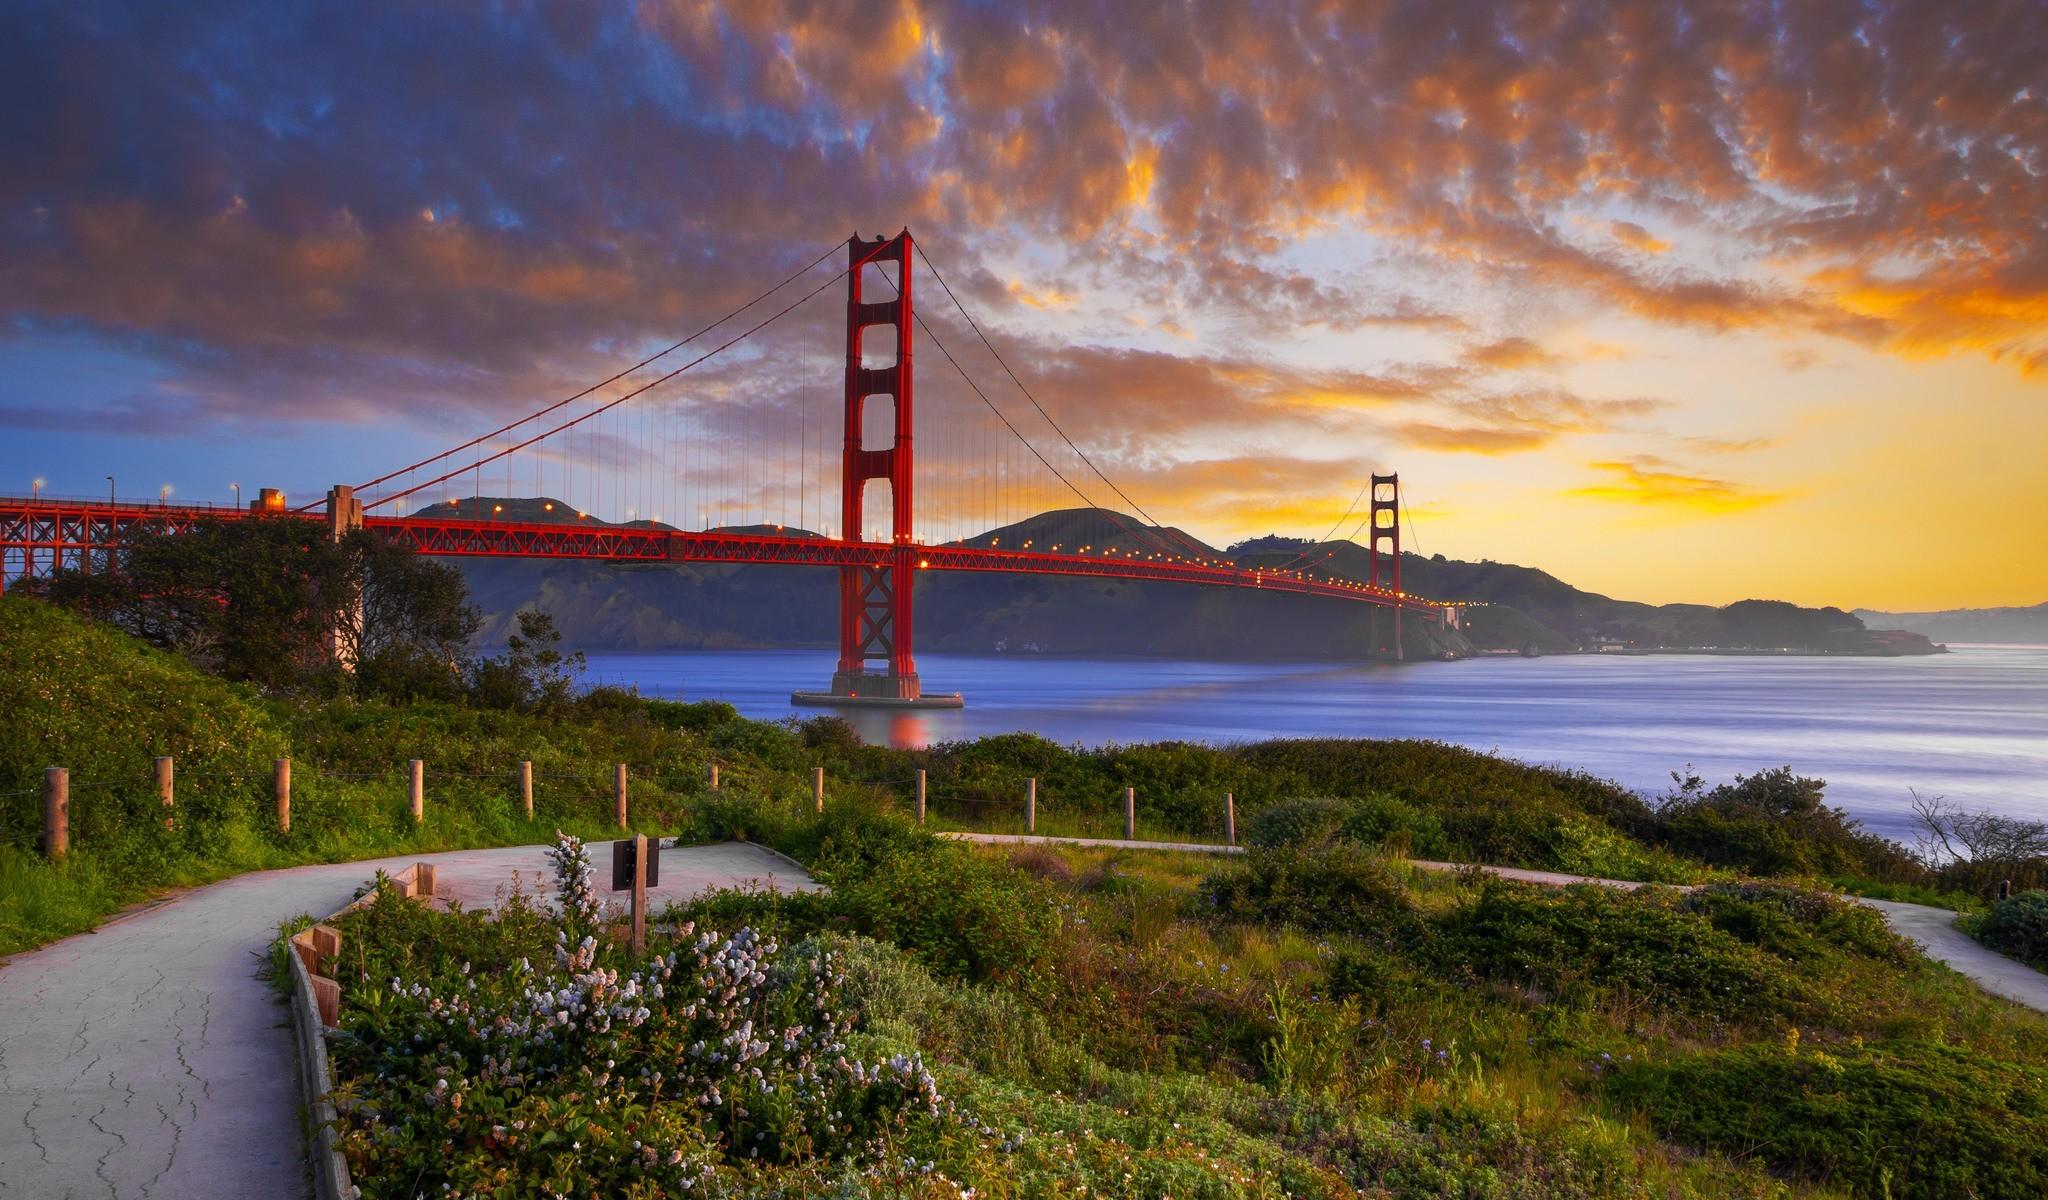 Golden Gate Fonds D 233 Cran Arri 232 Res Plan 2048x1200 Id